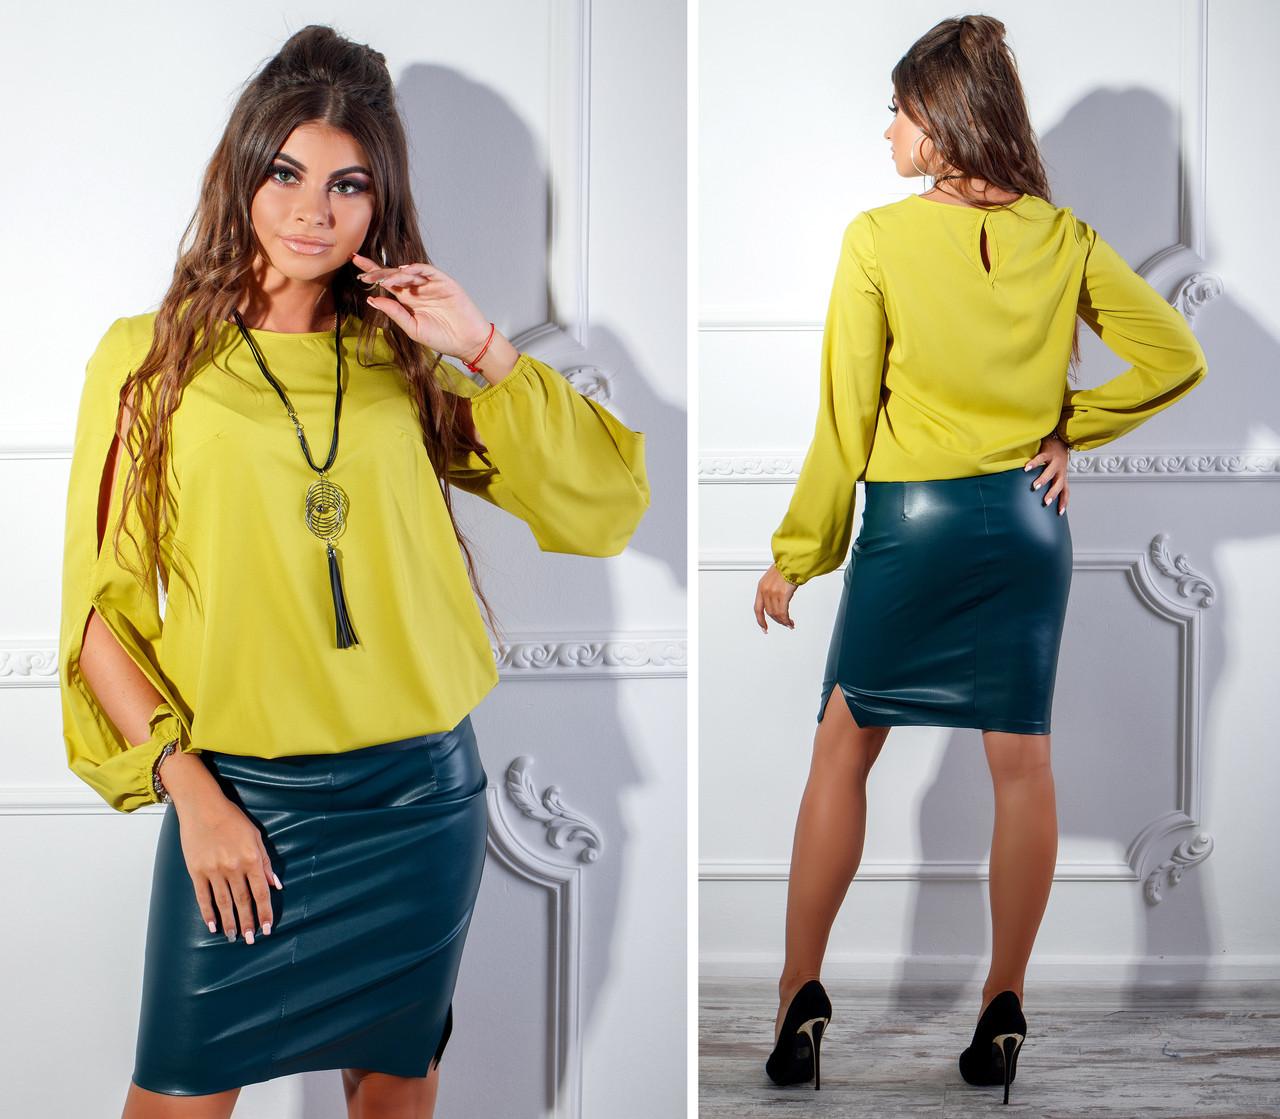 968f0c2e4c1 Оливковая блузка из софта с украшением в комплекте и разрезами на рукавах -  Стильная женская одежда